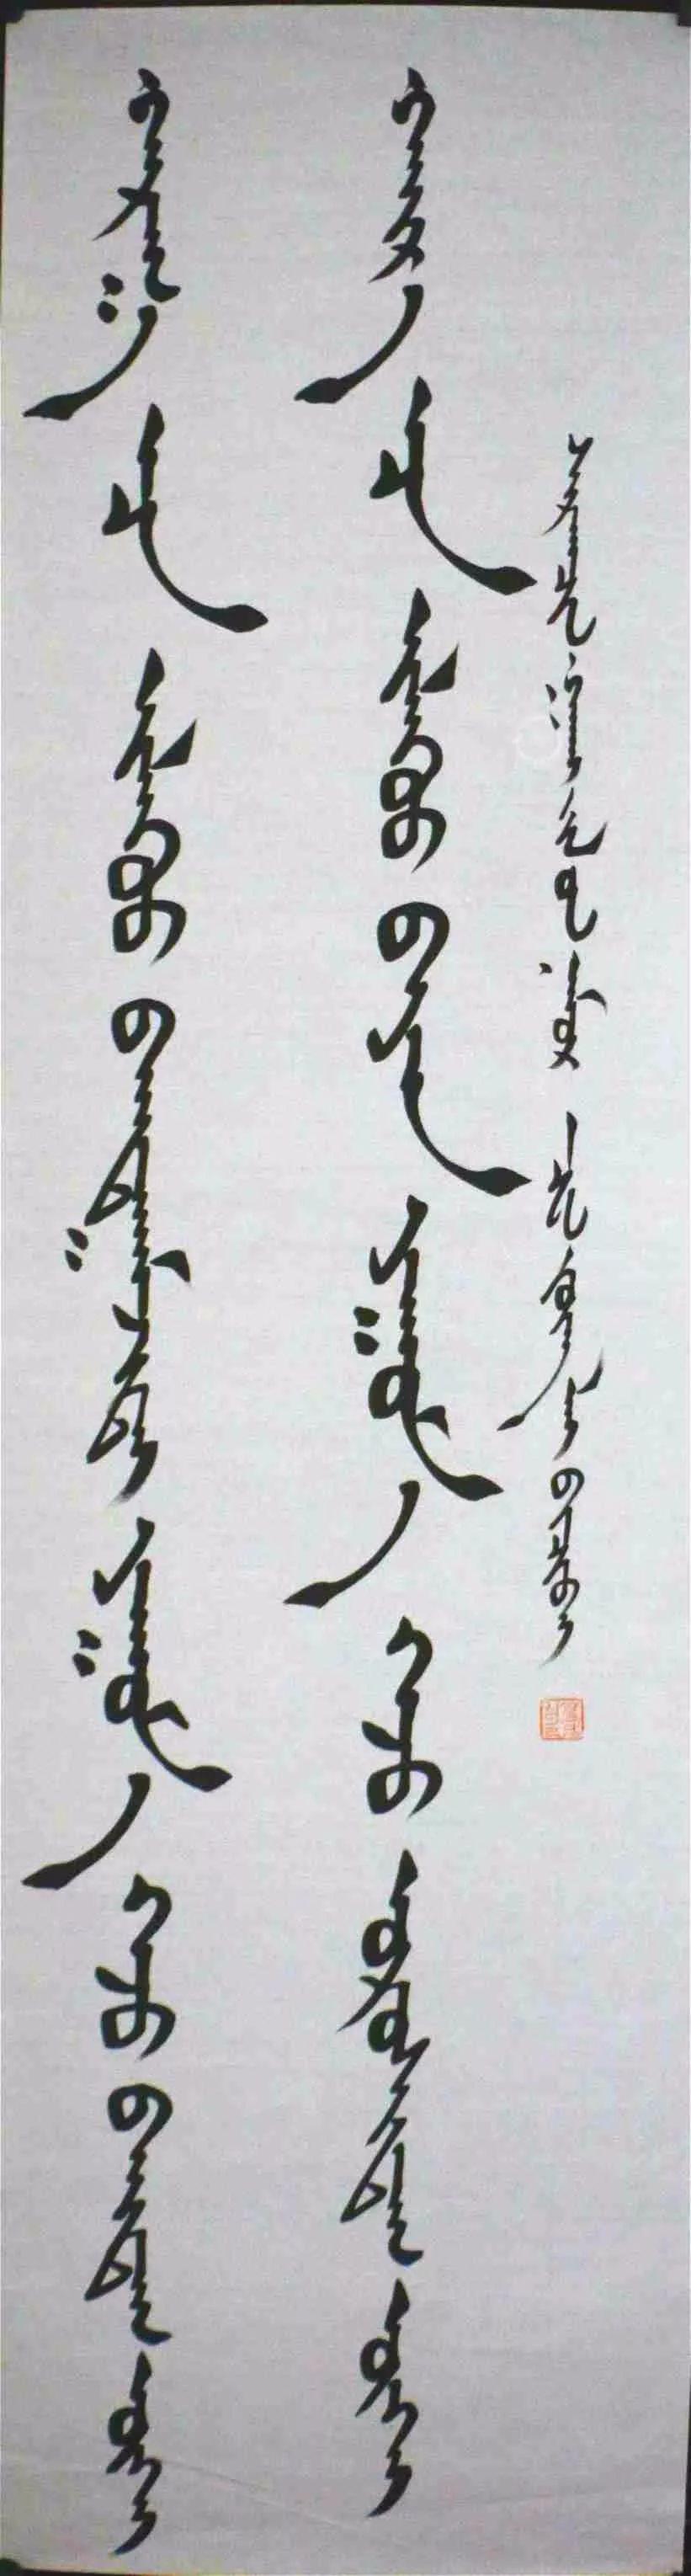 【好看】陈忠来书法作品欣赏 第20张 【好看】陈忠来书法作品欣赏 蒙古书法